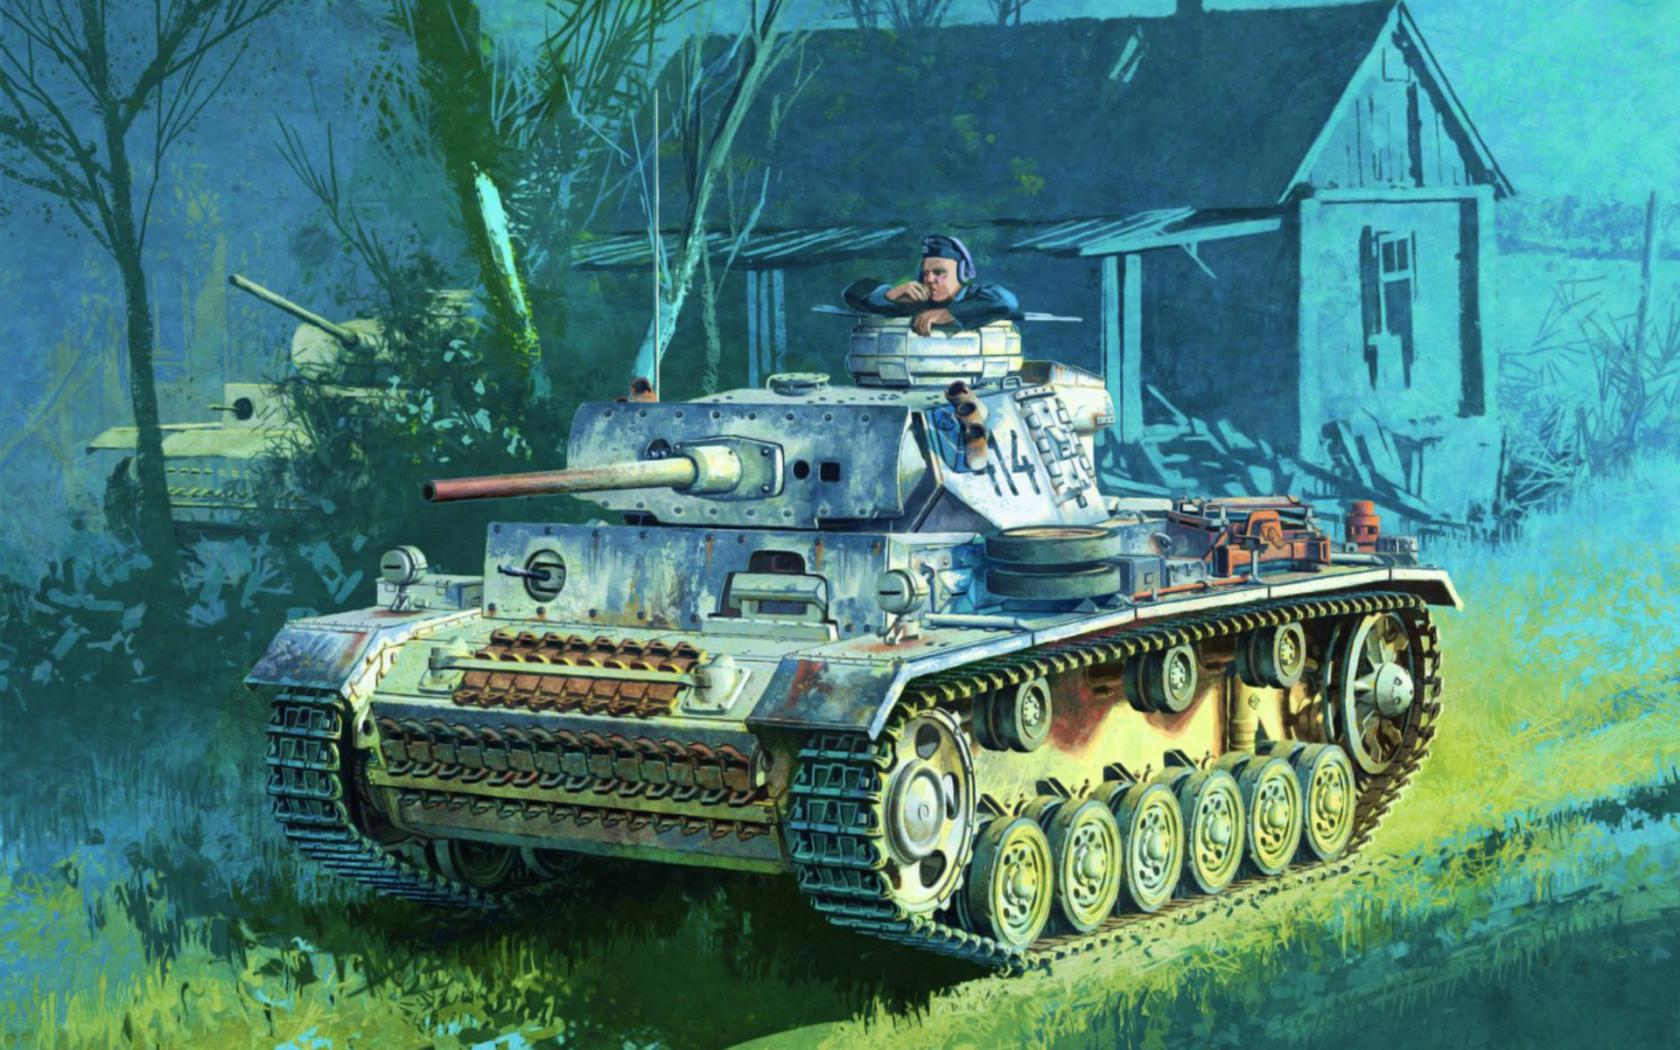 Free download panzer iii ww2 war tank art painting